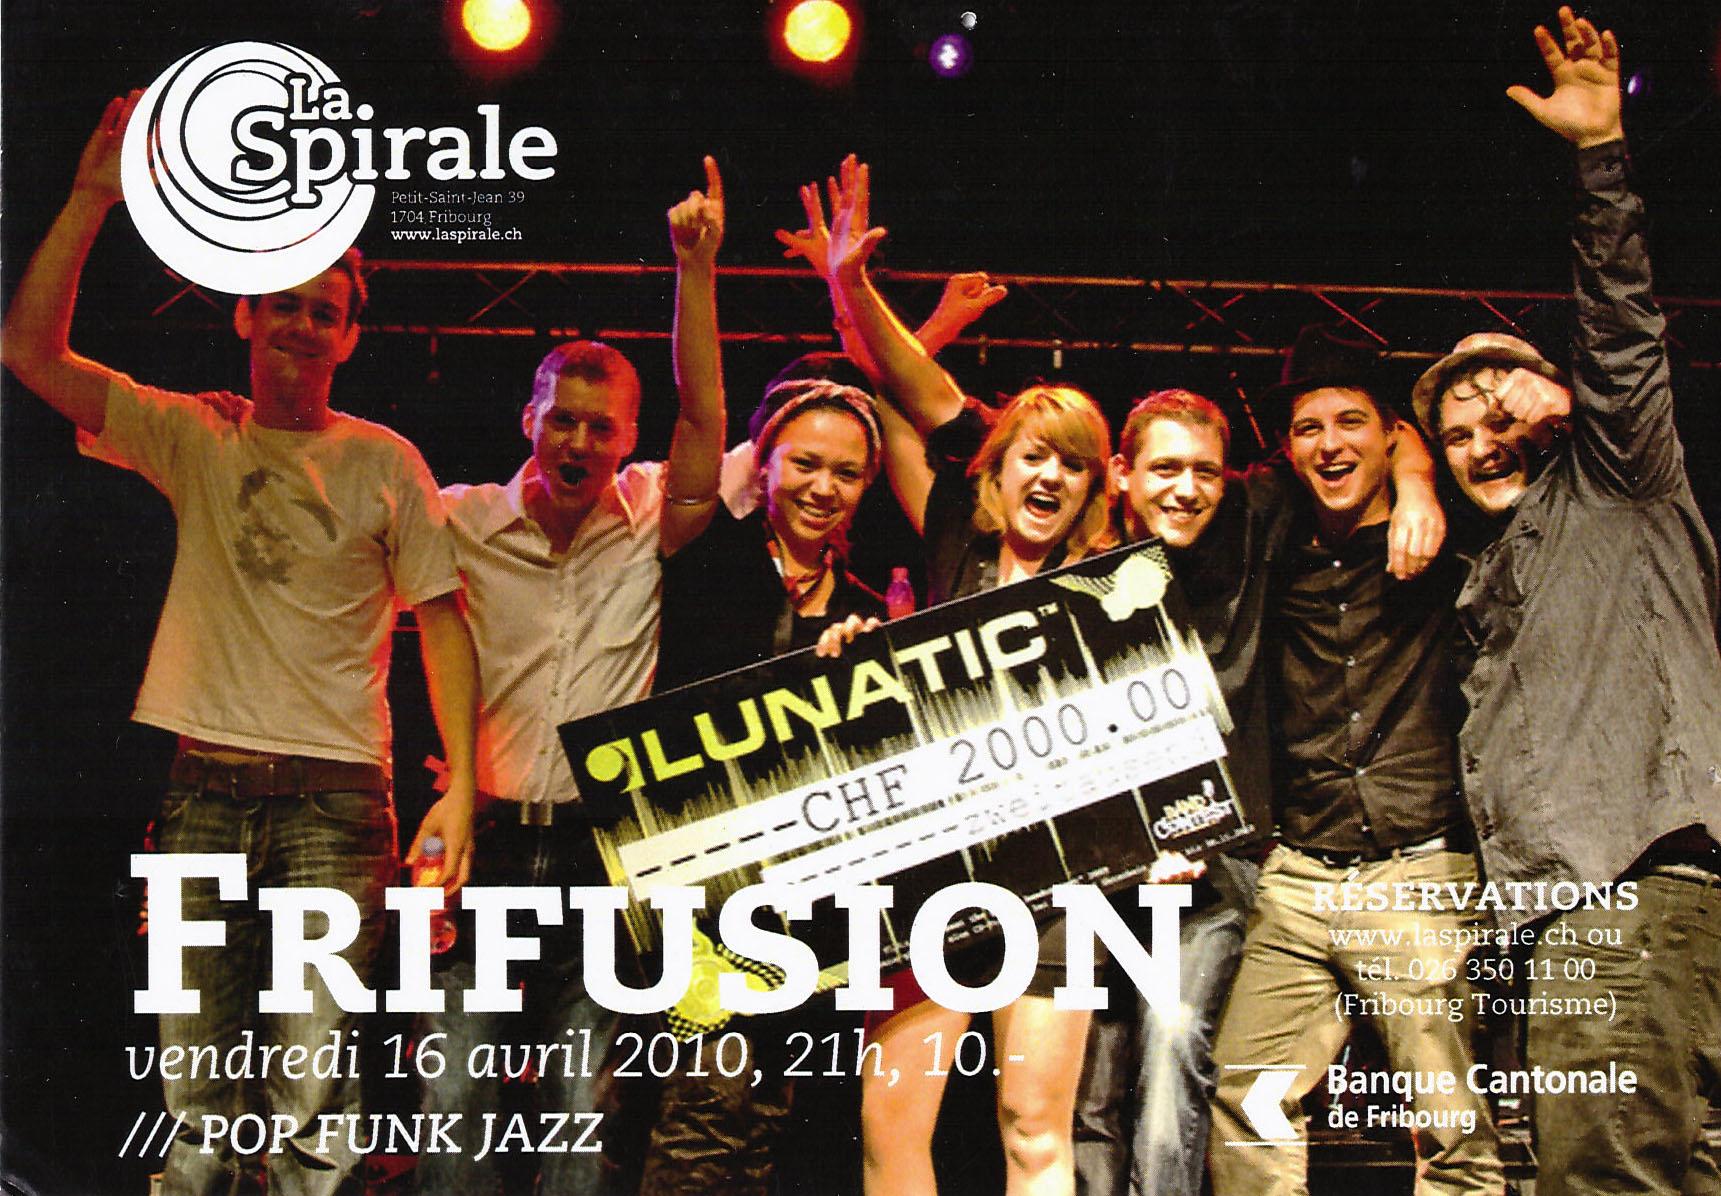 Lunatic Gewinner Frifusion Jasmin Joana Hirt